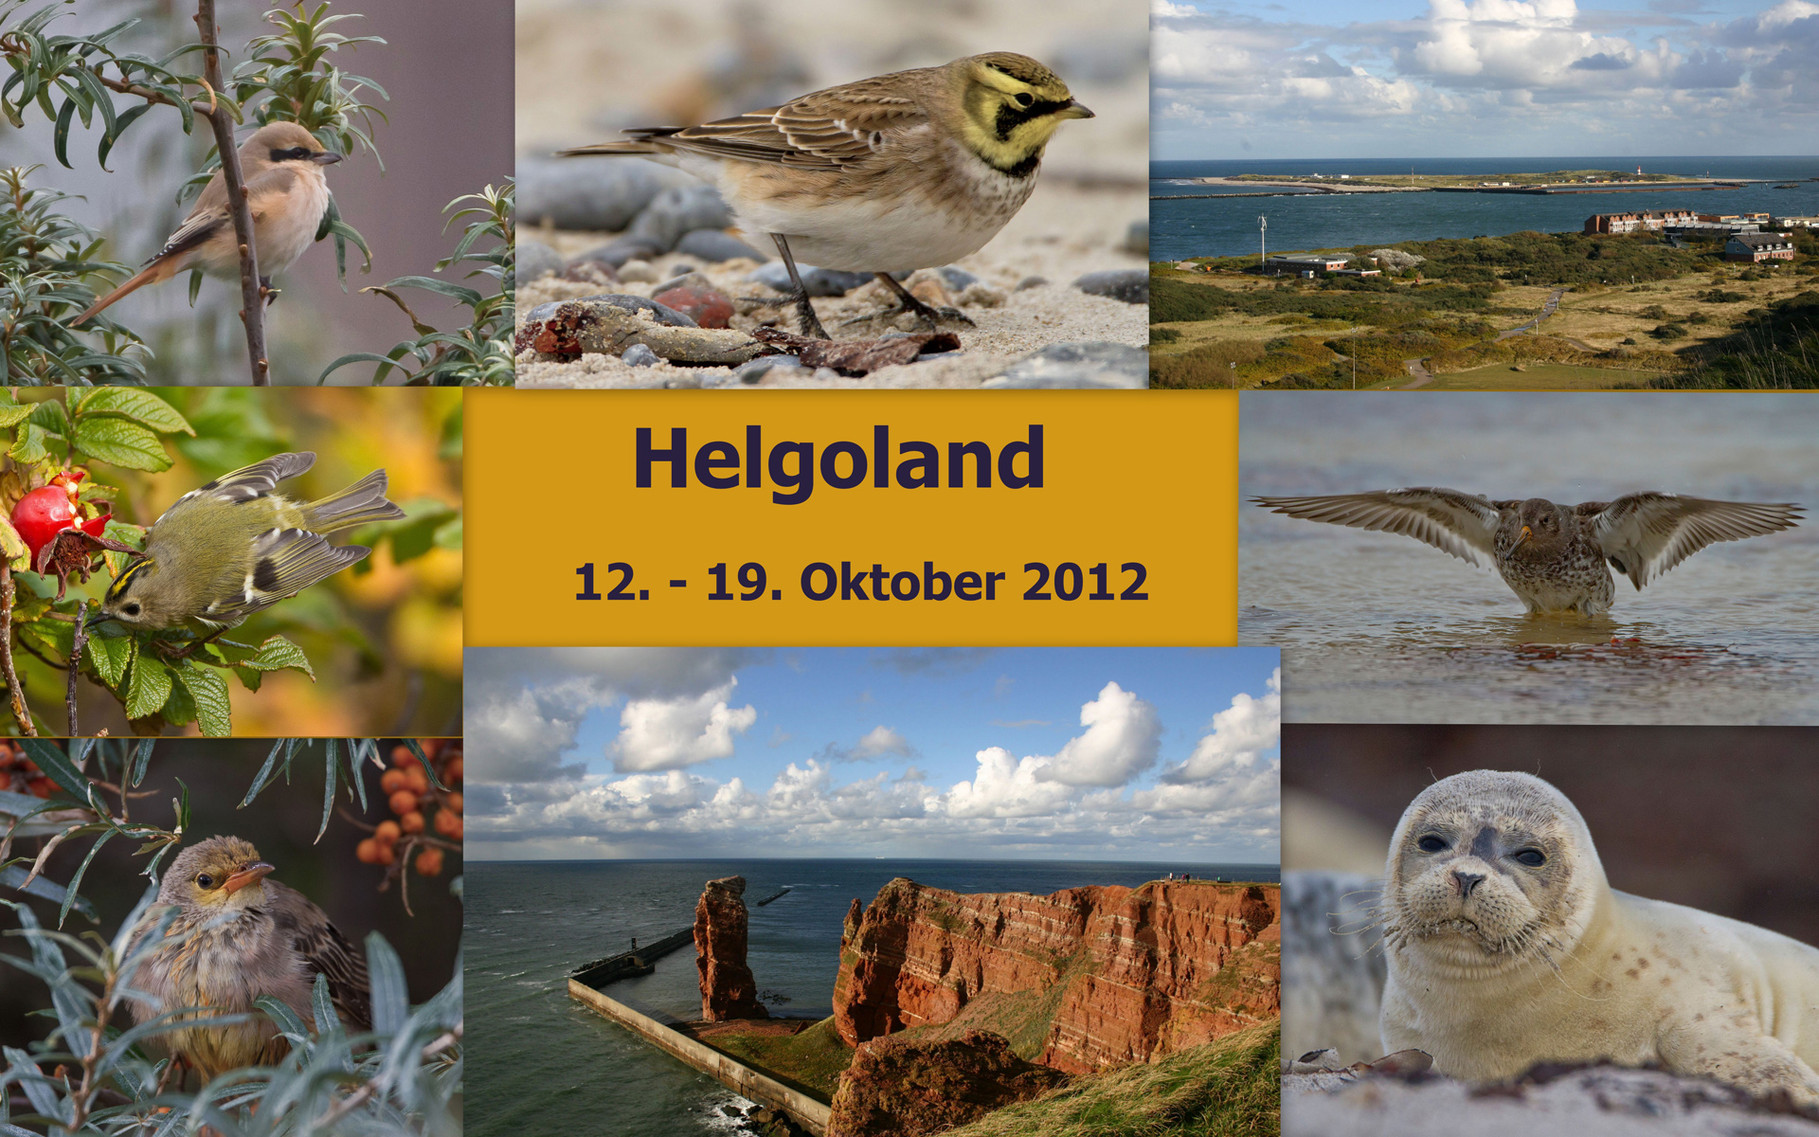 Starte die Bilder-Galerie unserer Helgoland-Reise im Oktober 2012